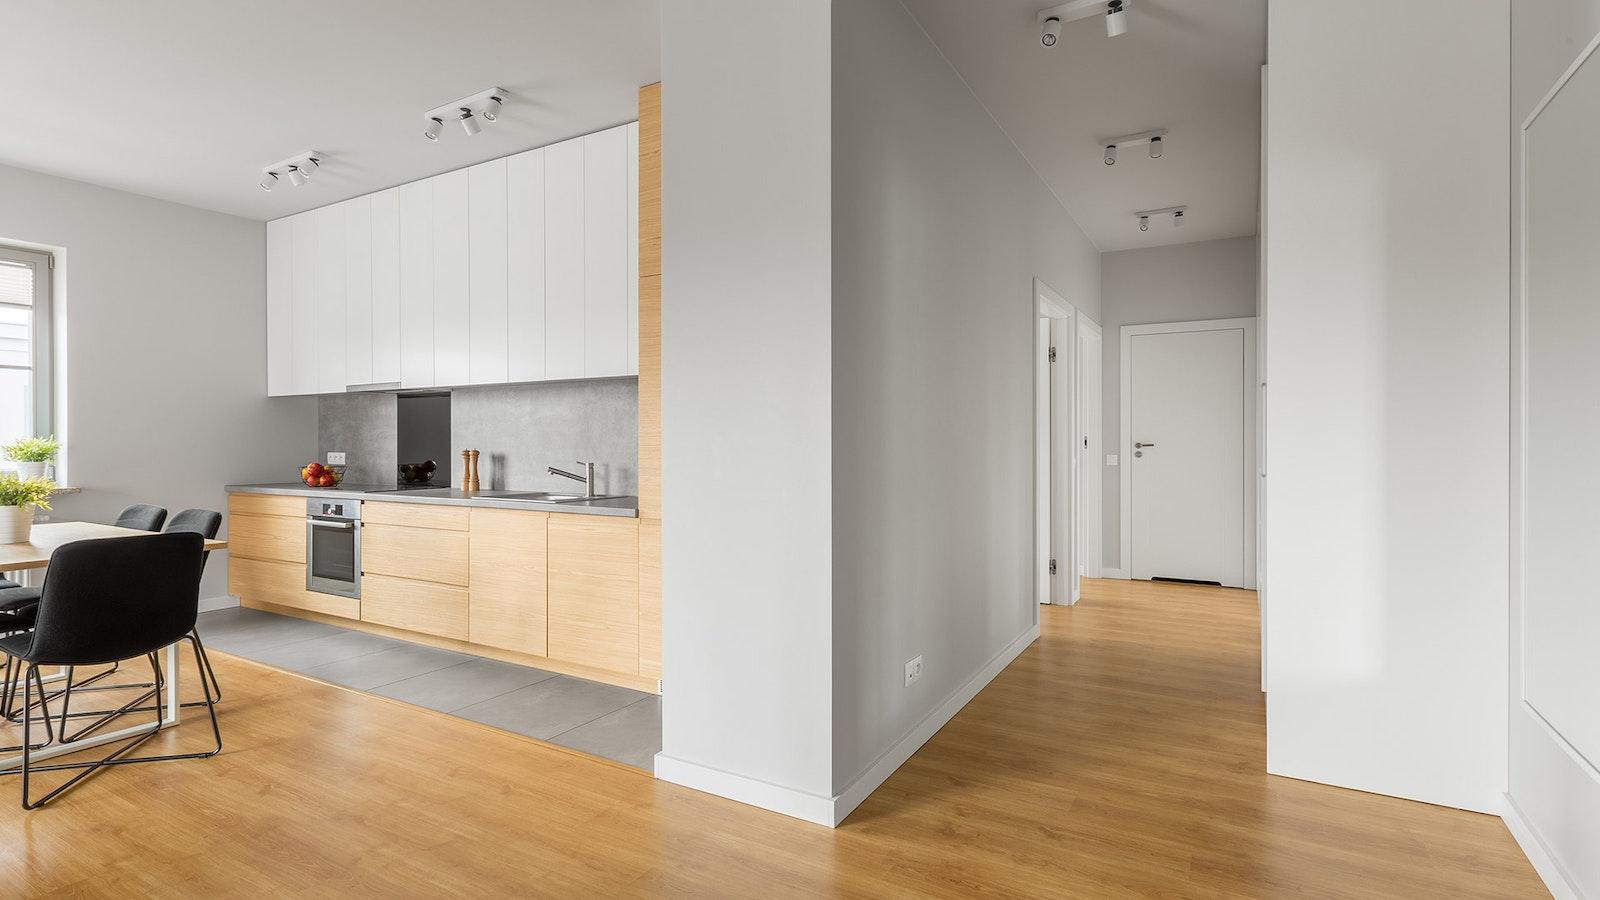 Crowdfinanzierung für die Haus Service Marciniak GmbH & Co. KG mit 6,10 % Zins p.a. und 1 Jahr Laufzeit